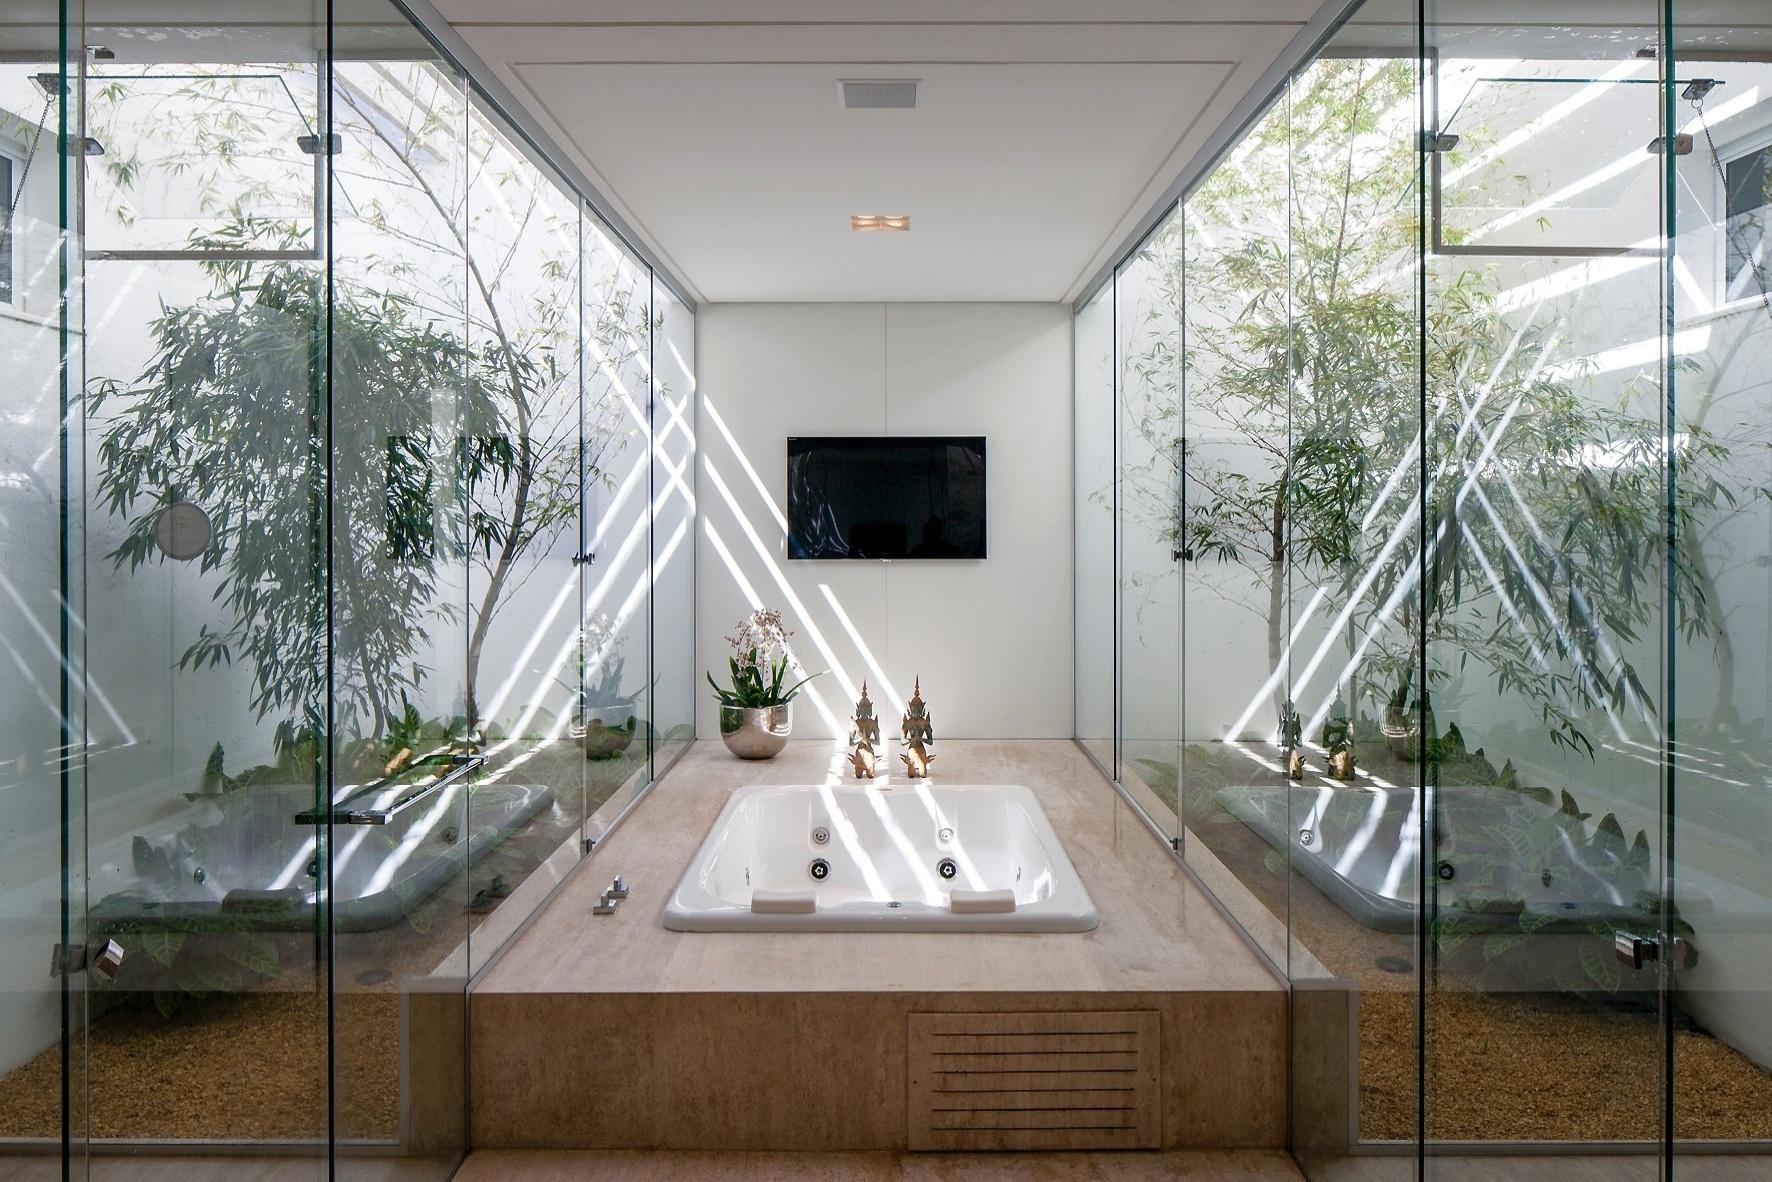 suíte do casal possui uma ampla sala de banho com hidromassagem ao  #5B442D 1772x1182 Banheiro Casal Dois Vasos